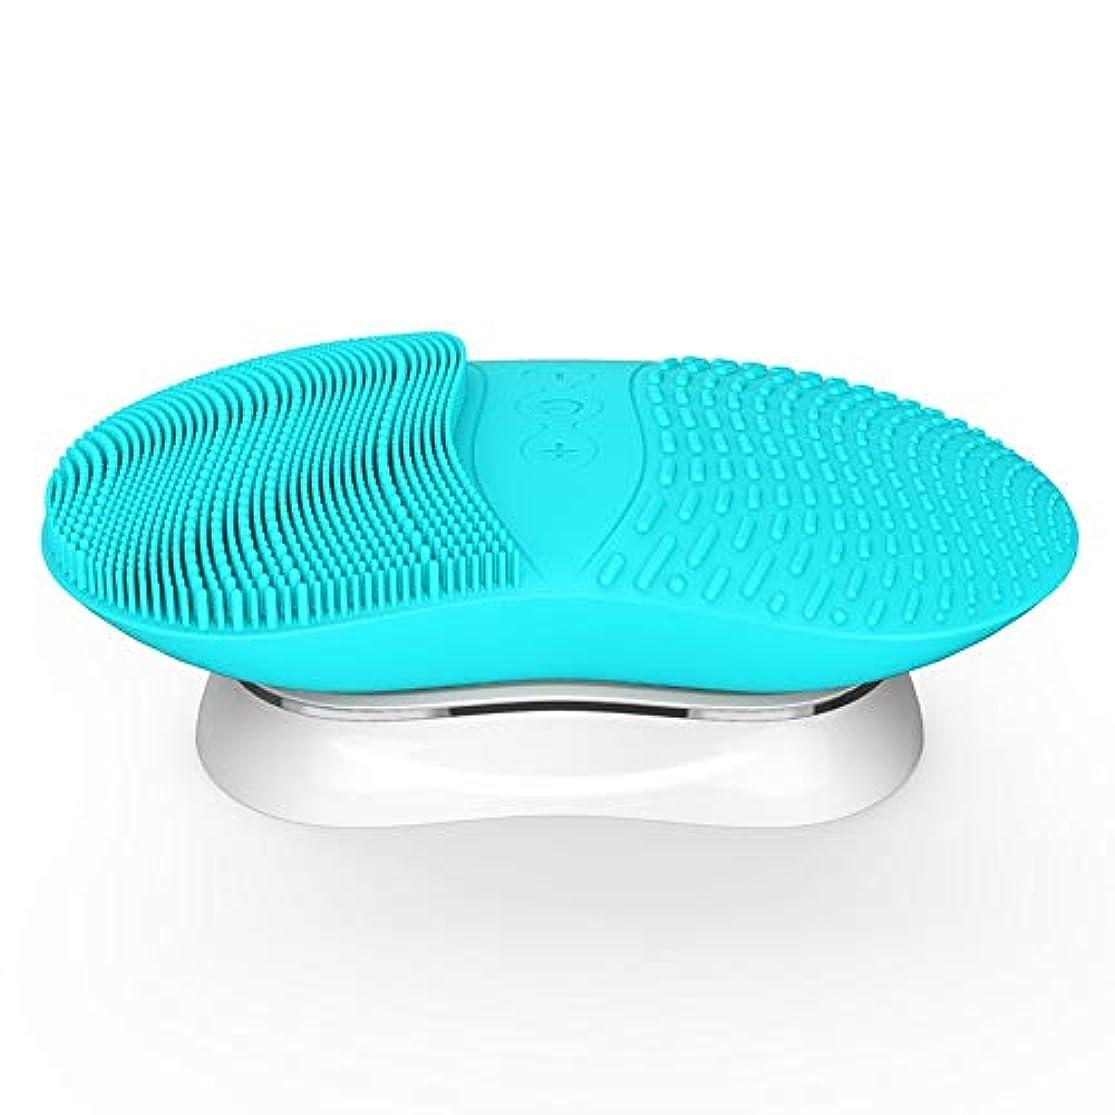 誠意駅恥ずかしさZXF 新ワイヤレス充電シリコンクレンジングブラシ超音波振動ディープクリーン防水暖かさクレンジング美容機器クレンジング機器 滑らかである